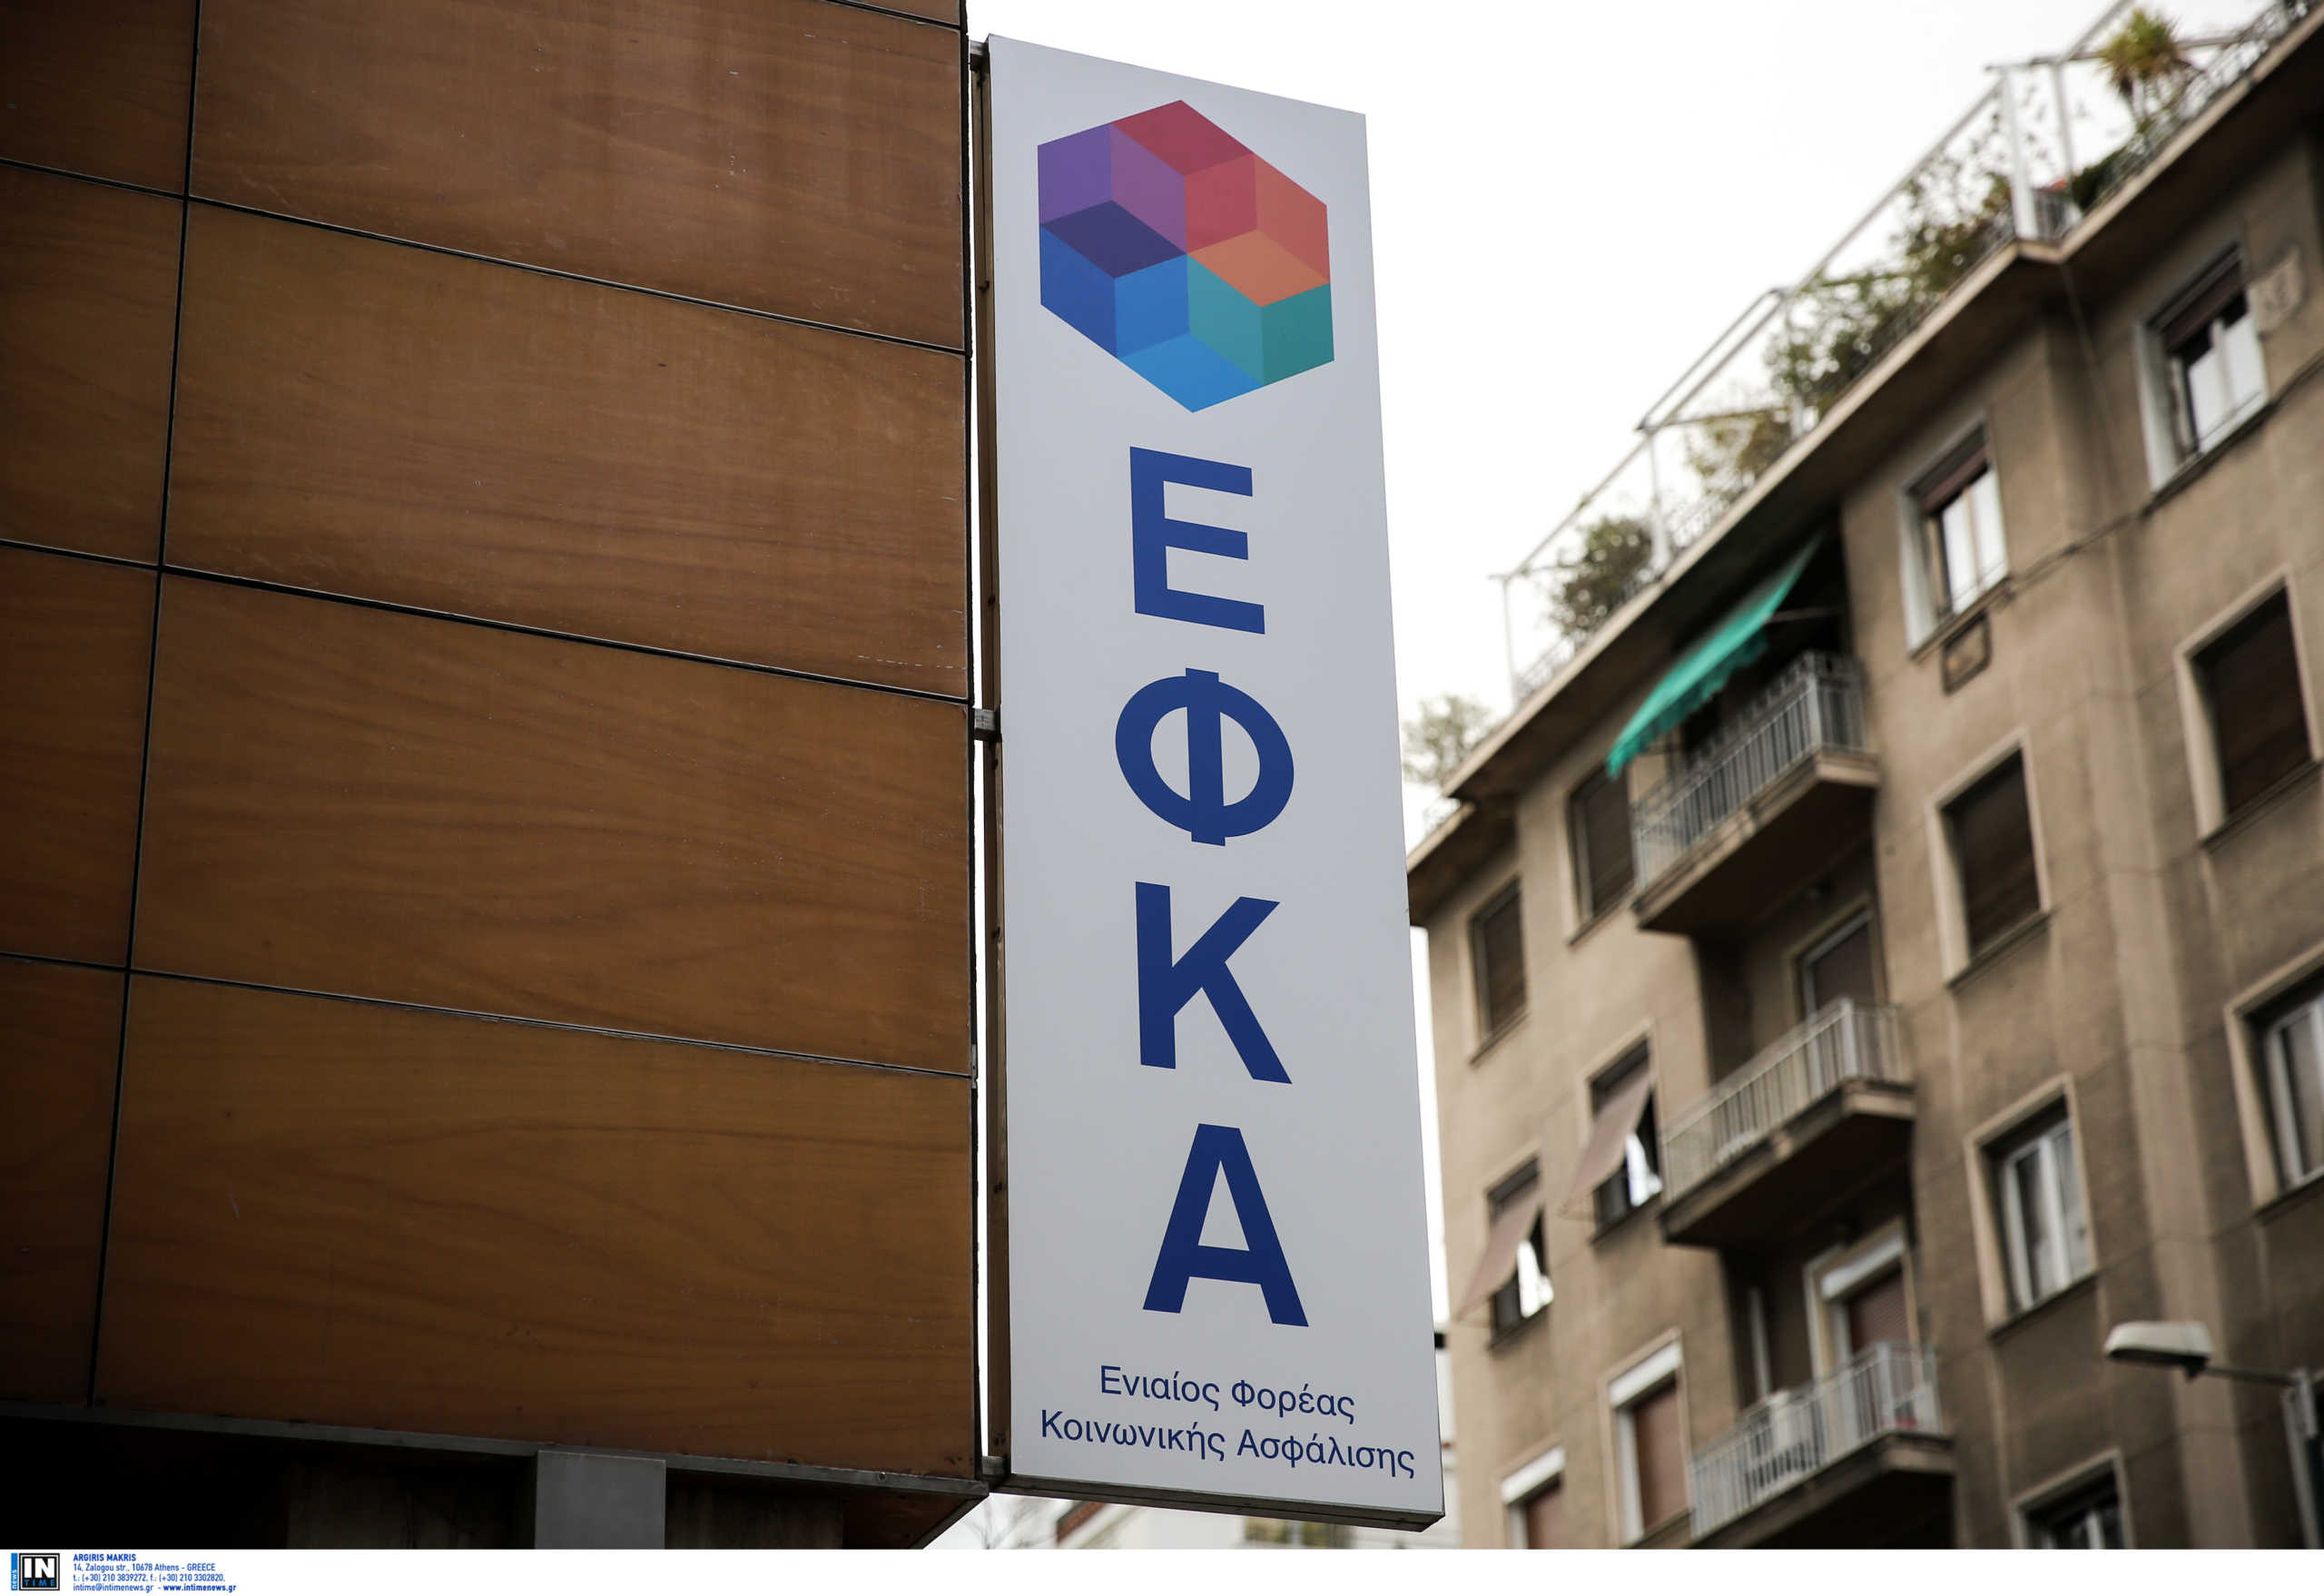 e-ΕΦΚΑ: Νέα ηλεκτρονική υπηρεσία